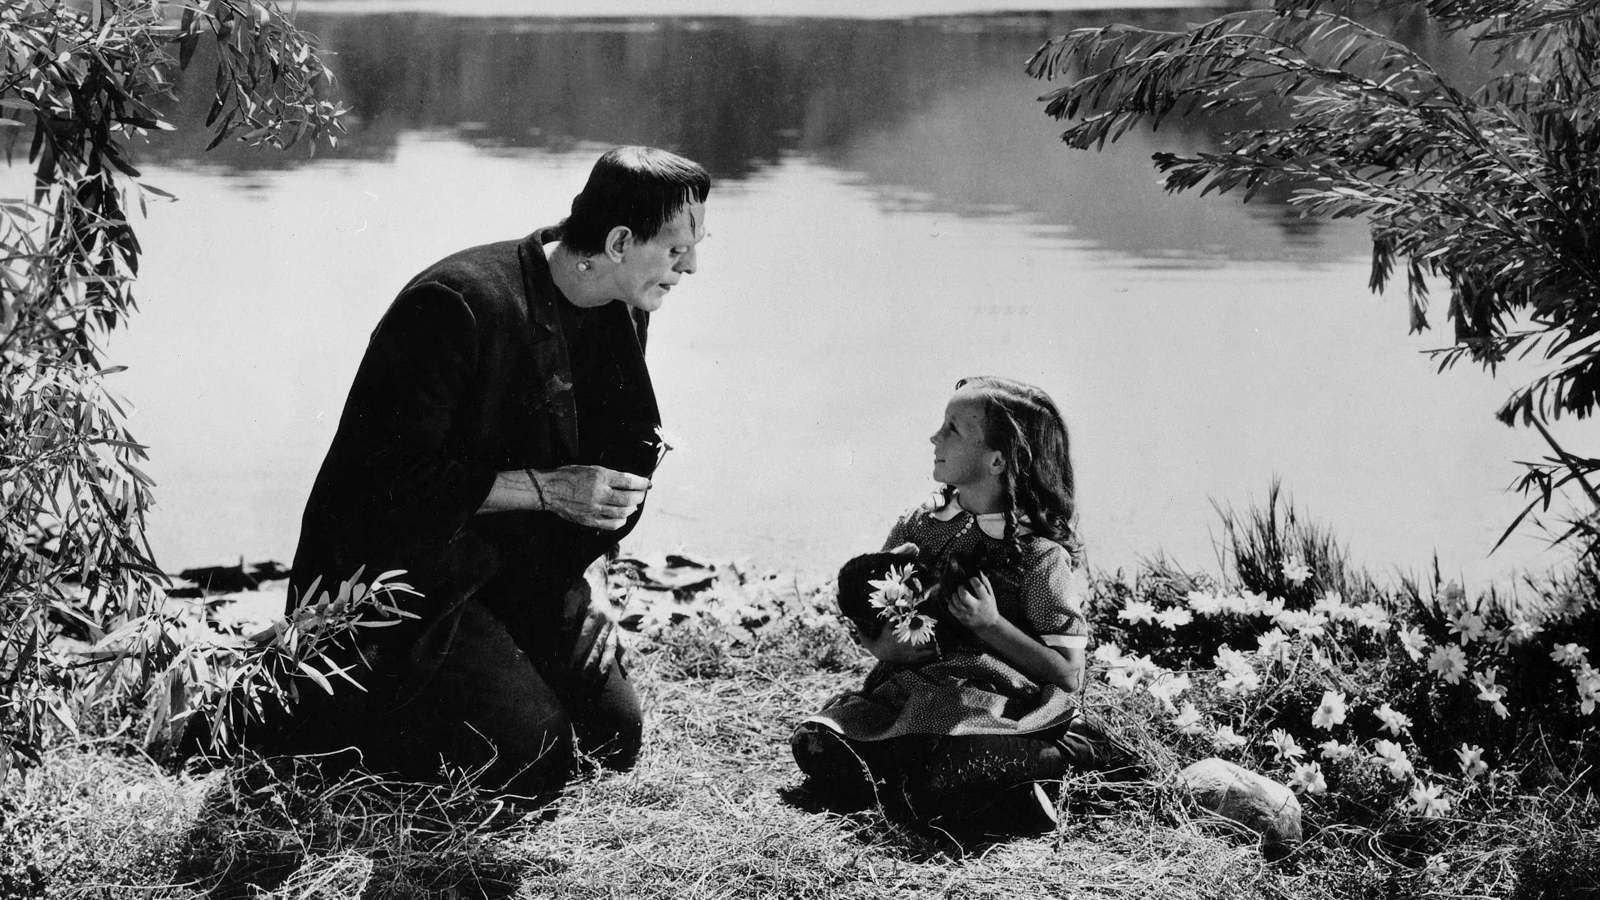 Frankenstein 1931 Film Society Of Lincoln Center